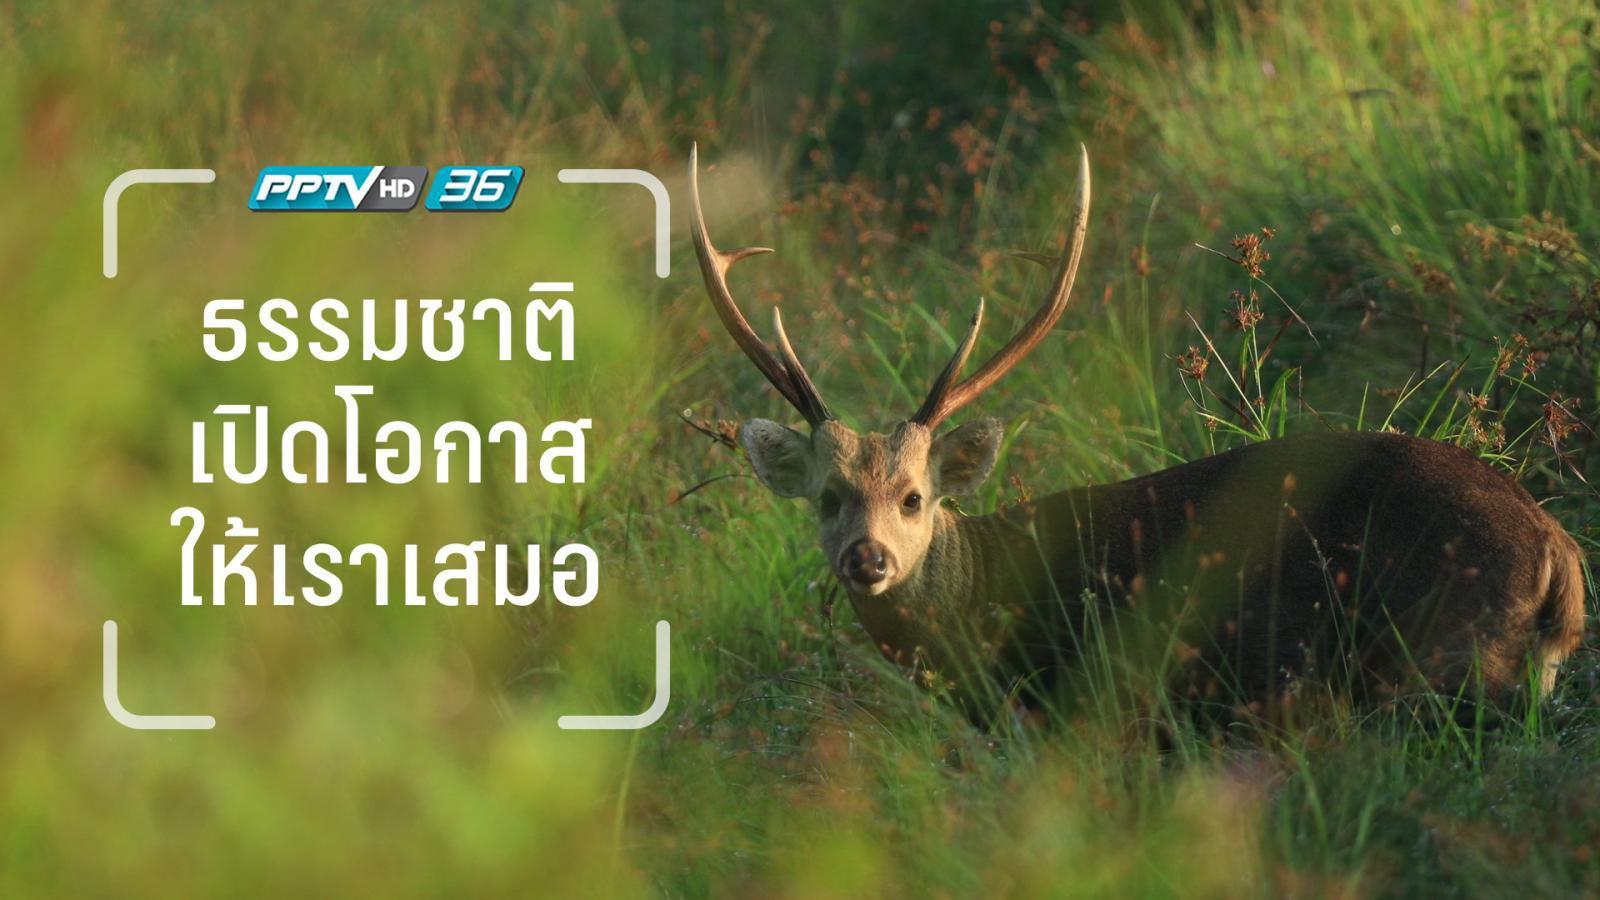 การถ่ายภาพชีวิตสัตว์ป่า  สิ่งแรกที่ต้องมี คือ จิตสำนึกที่ดี